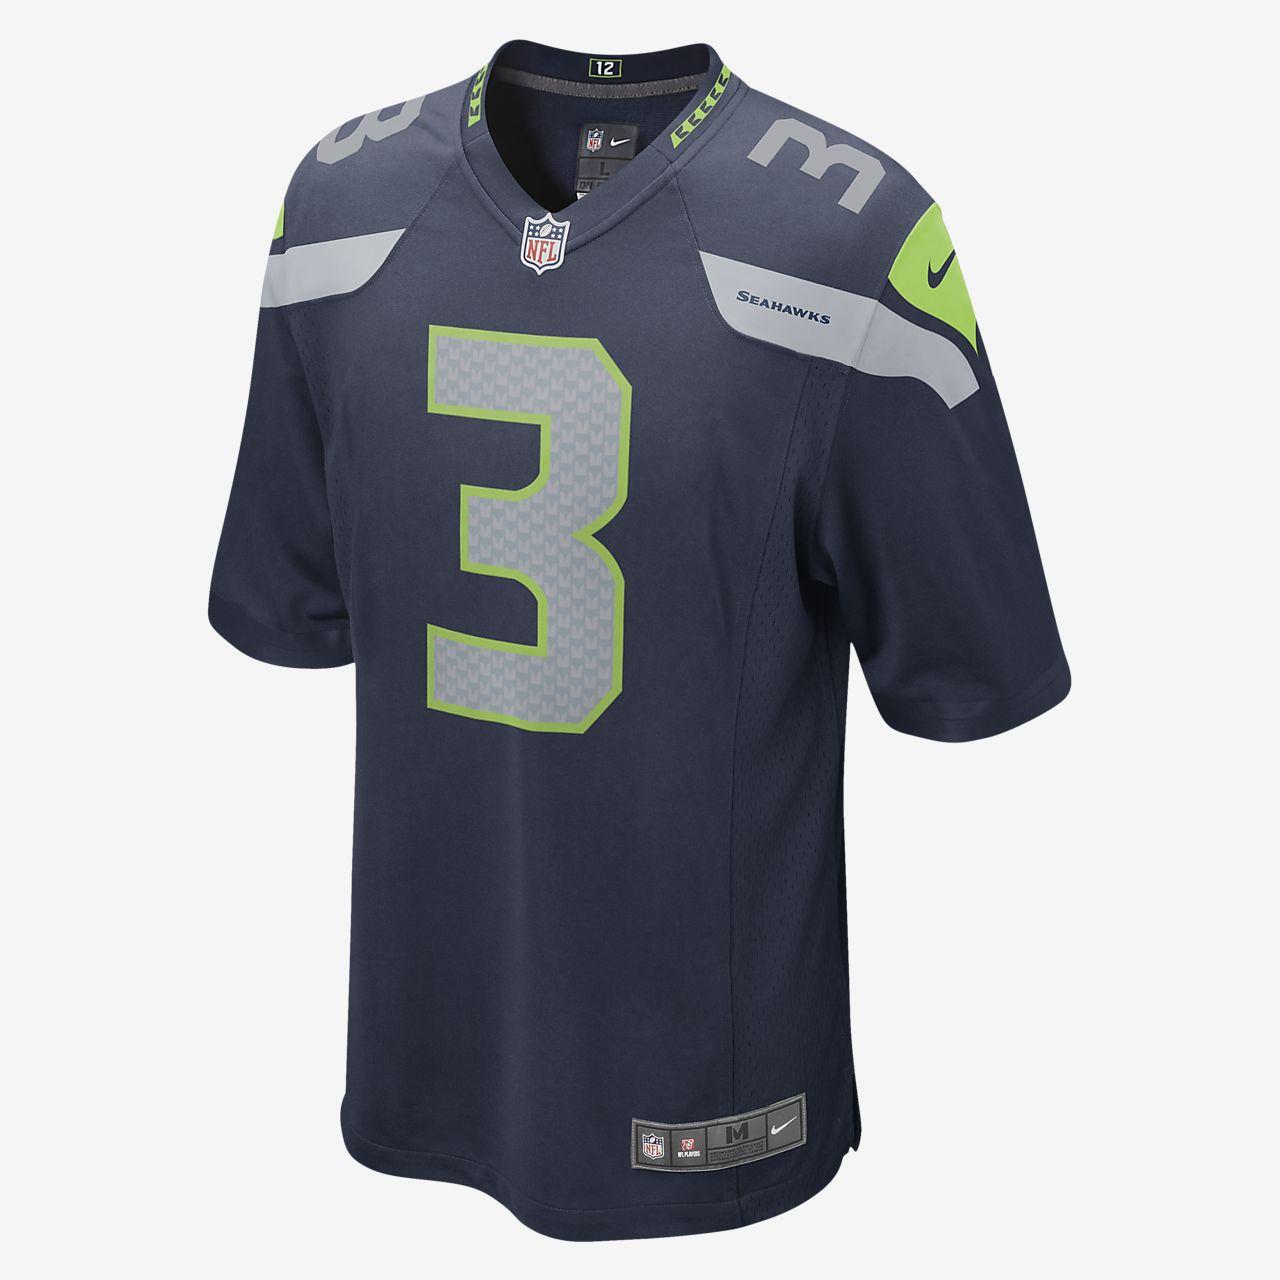 NFL Seattle Seahawks (Russell Wilson) hjemmedrakt til amerikansk fotball for herre